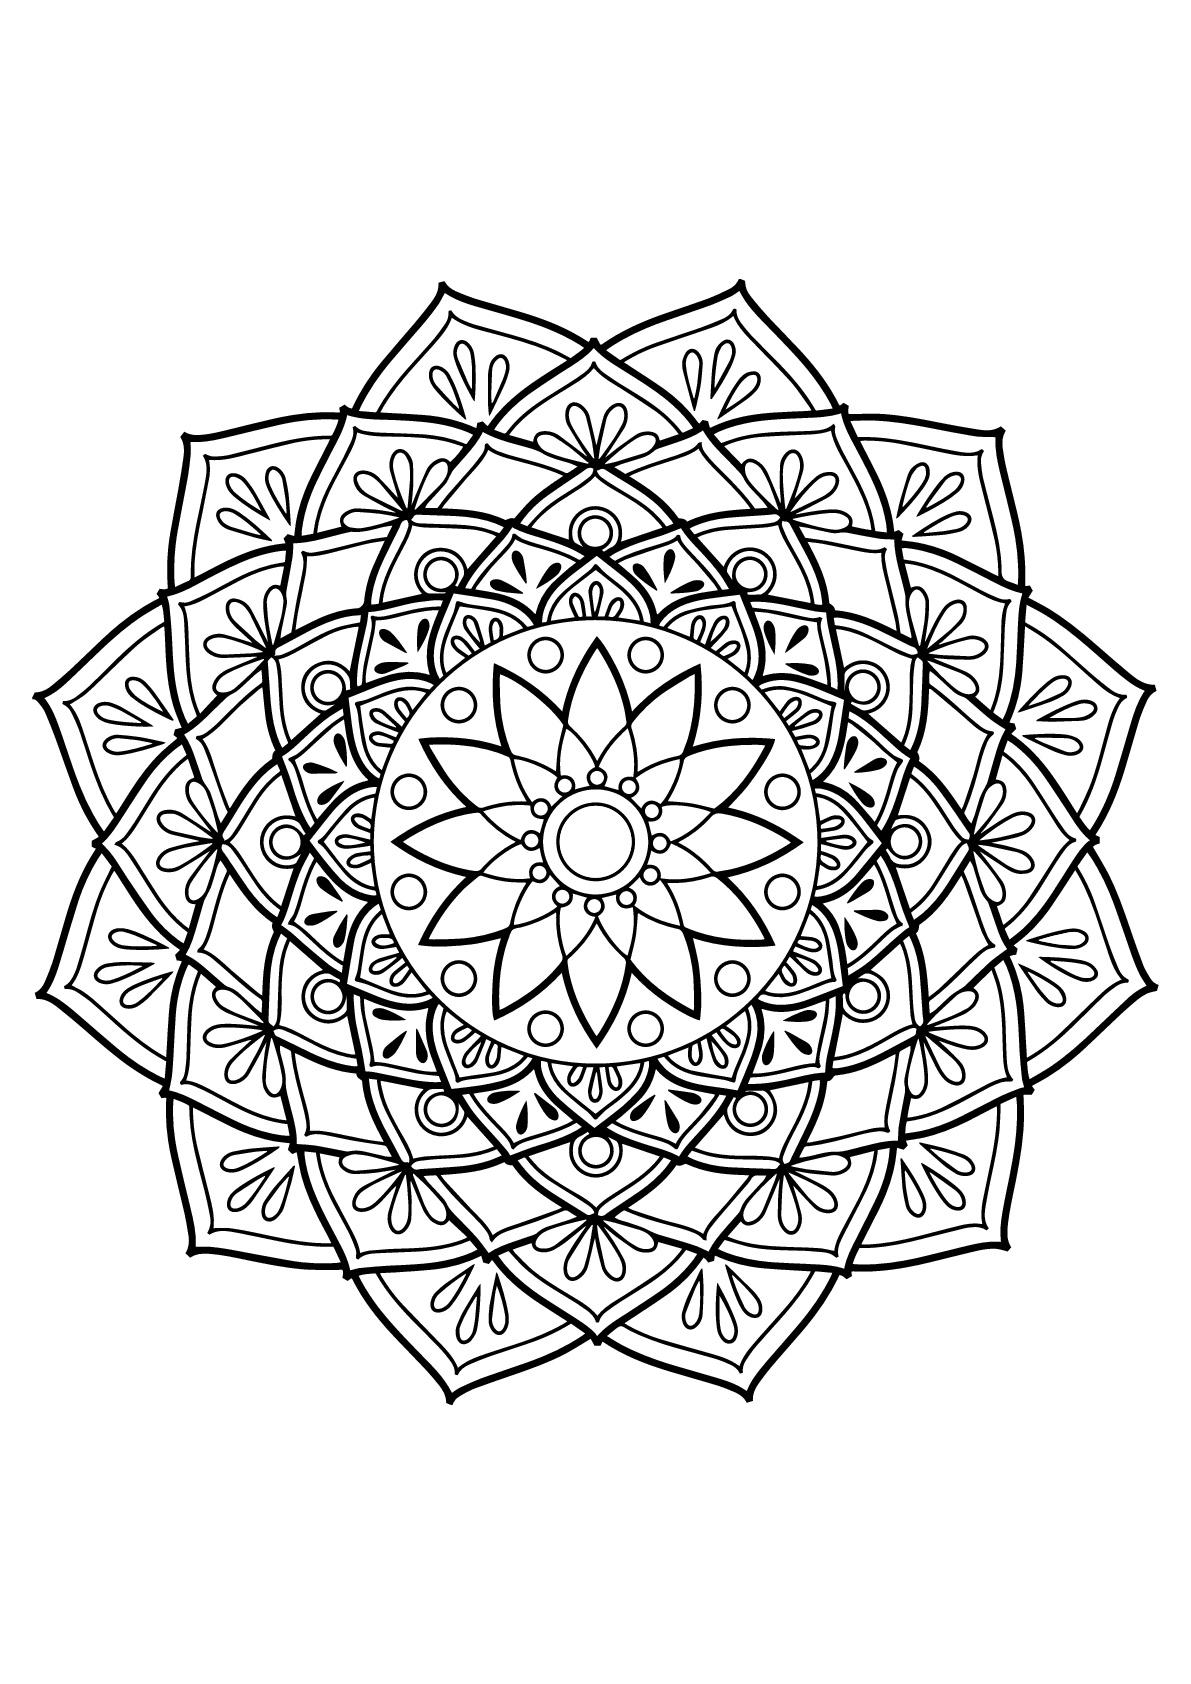 Mandala livre gratuit 19 - Mandalas - Coloriages ...